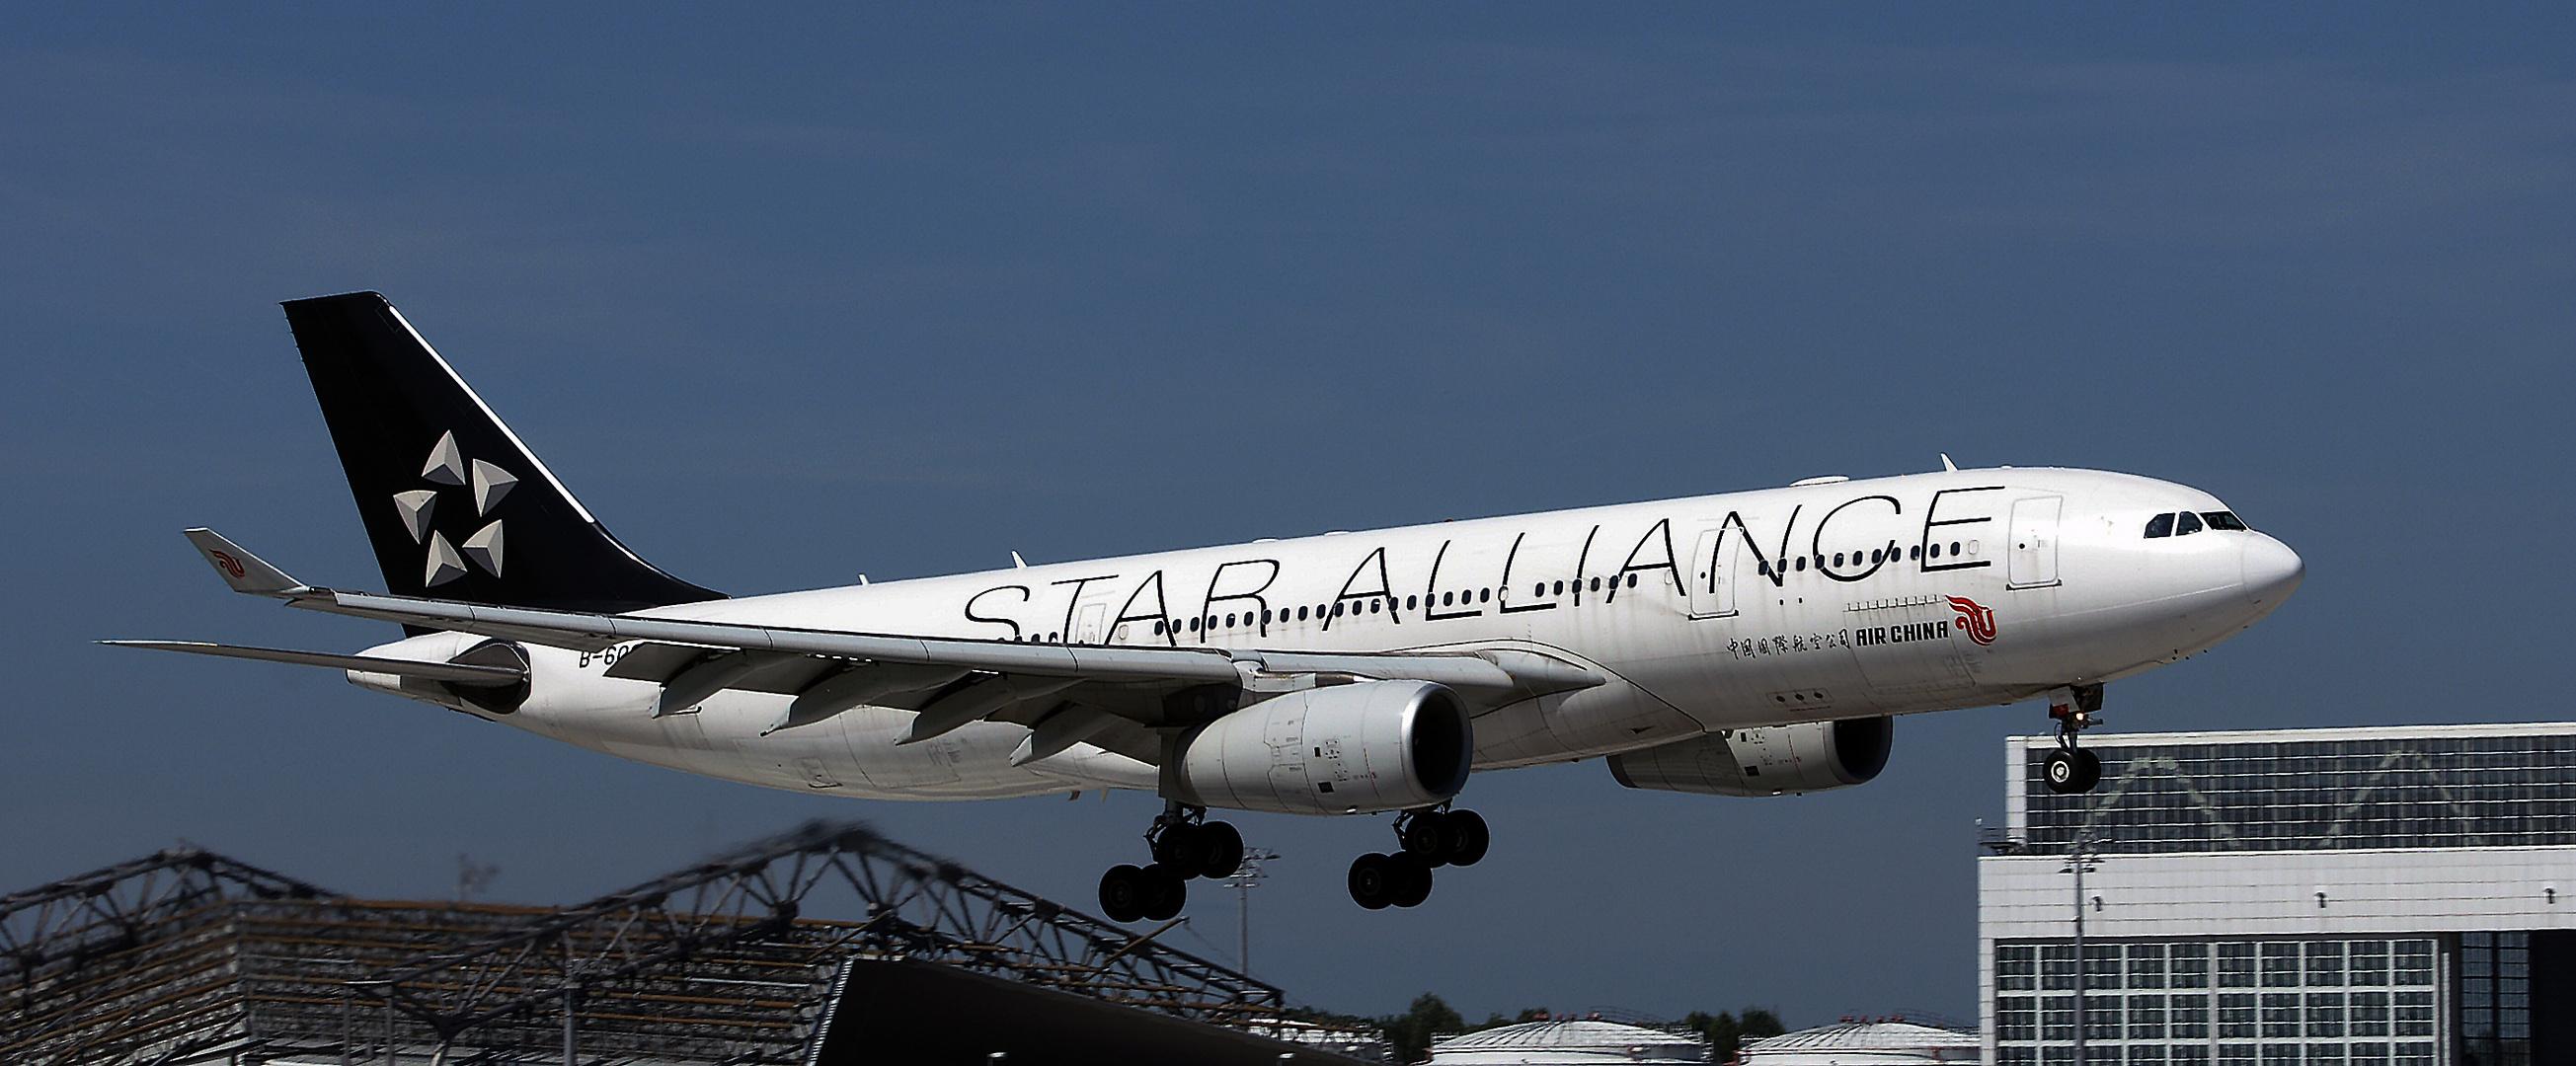 AIR CHINA / STAR ALLIANCE